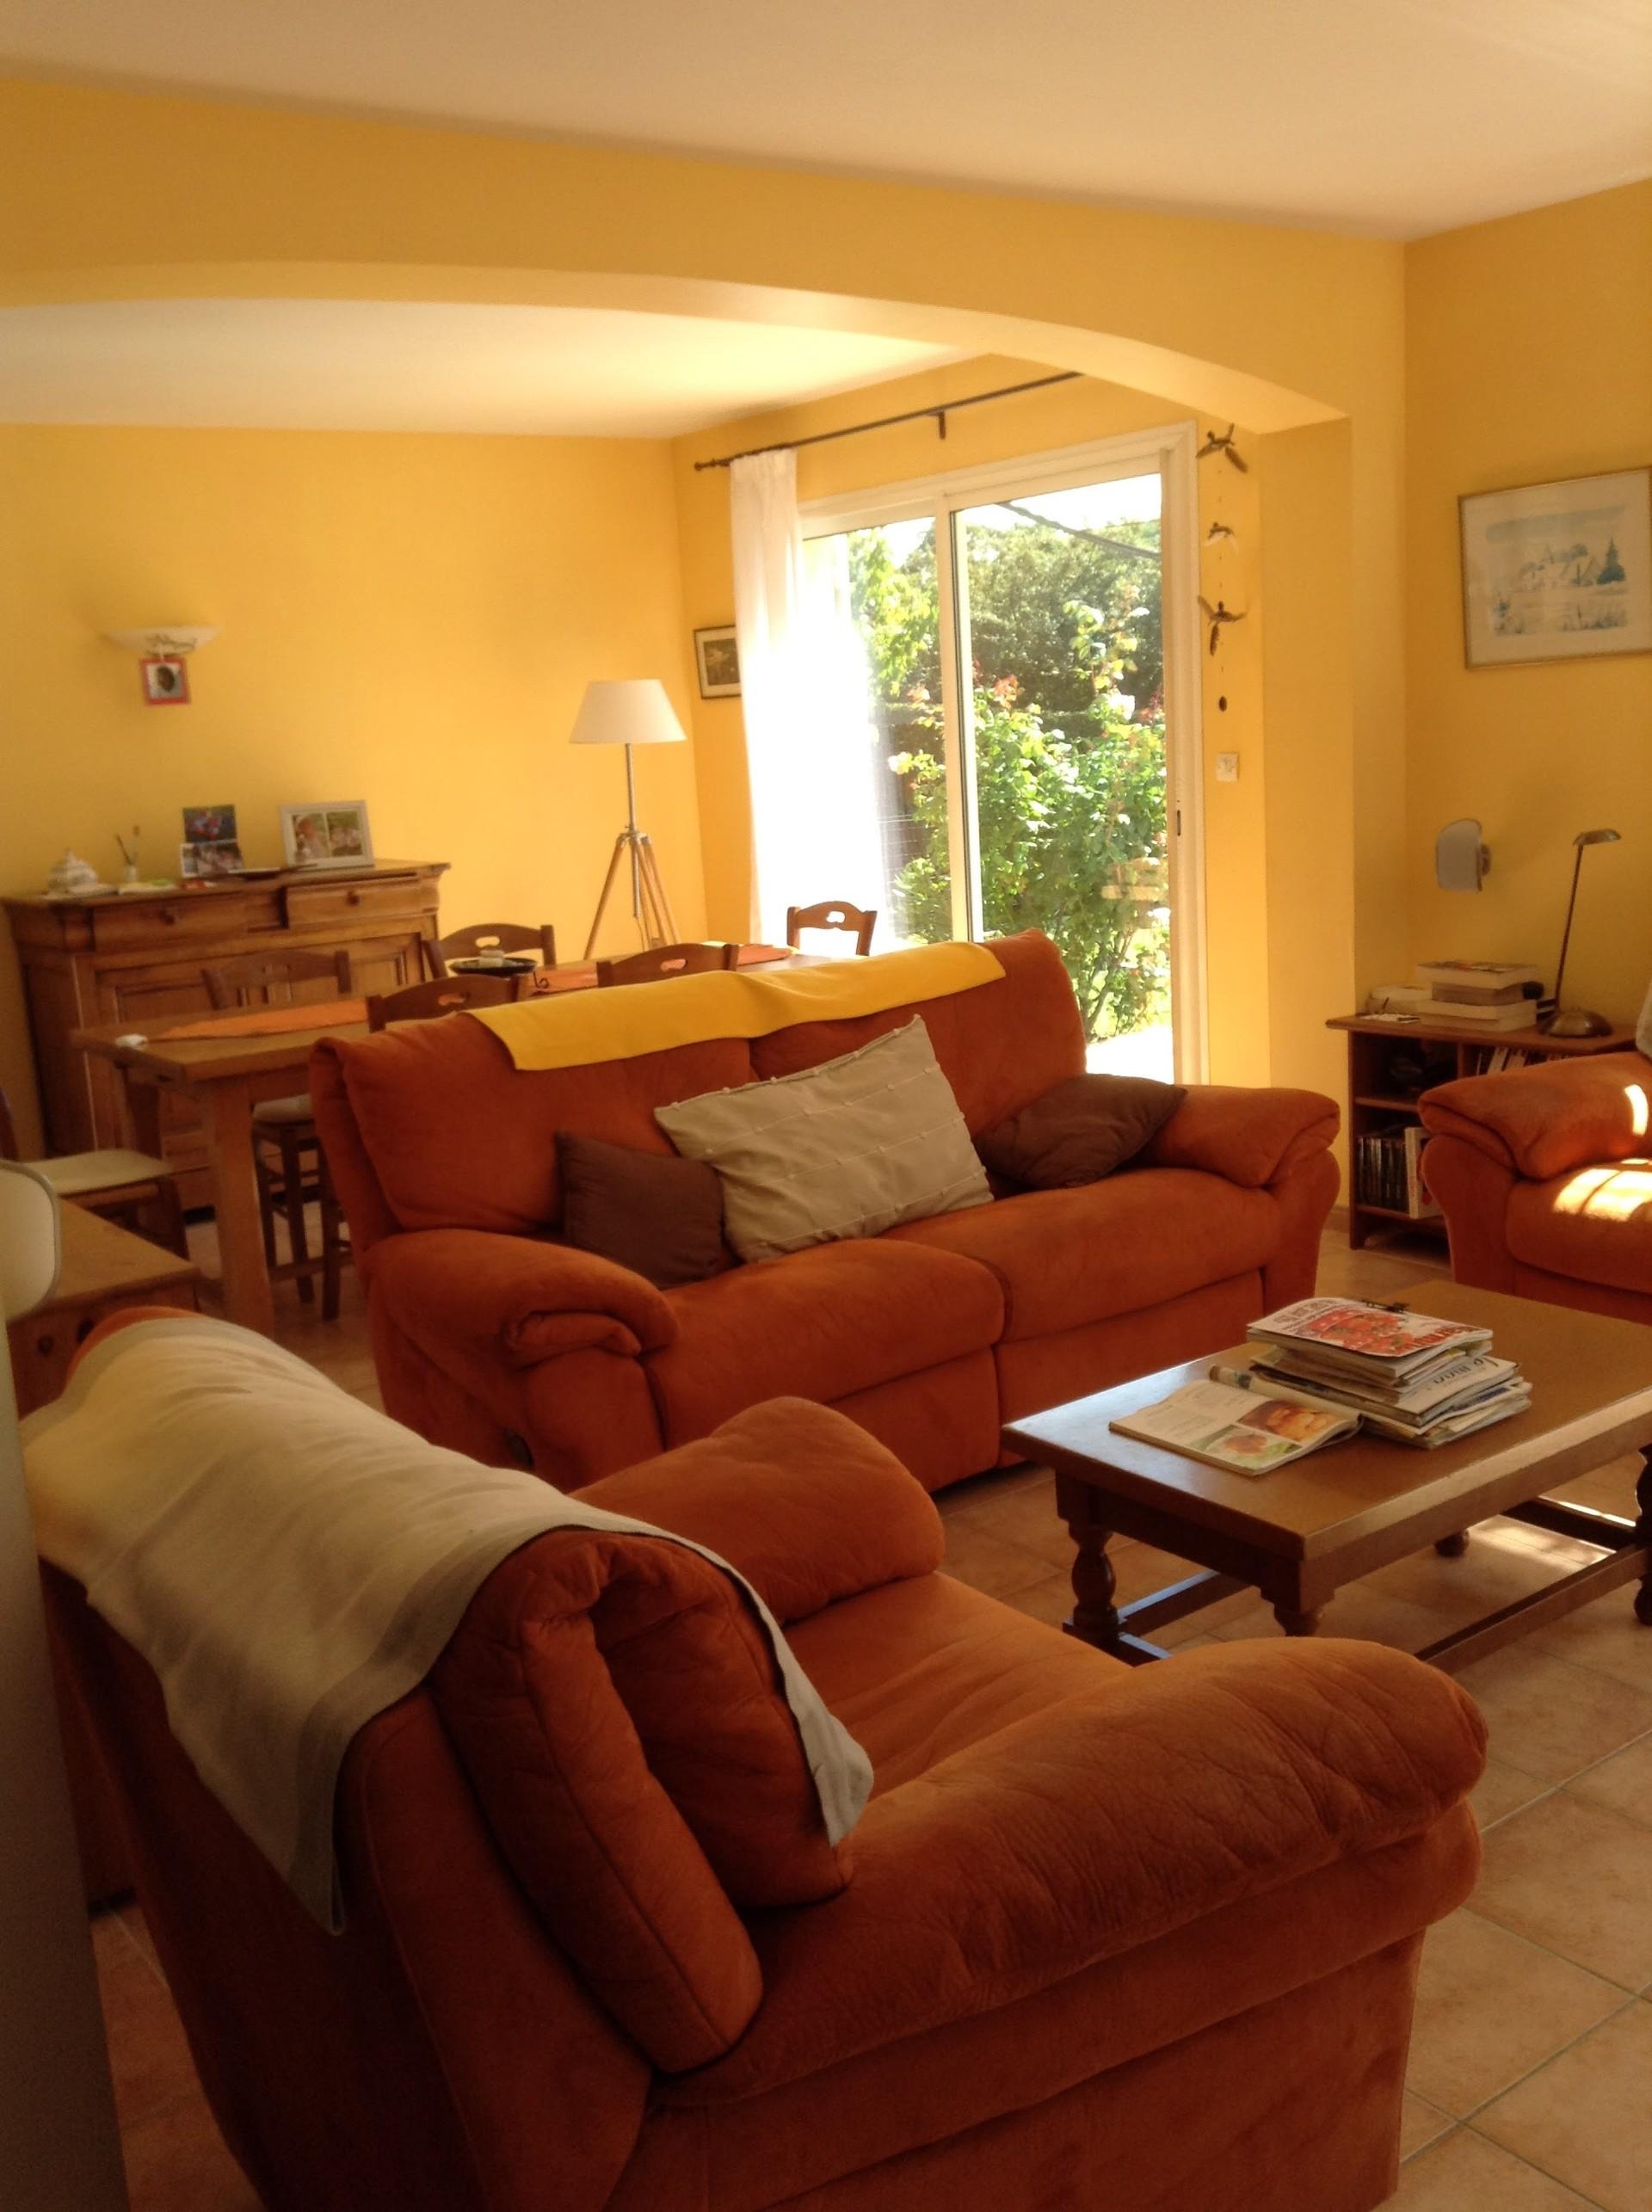 Chambres chez l 39 habitant location chambres aix en provence - Location chambres chez l habitant ...